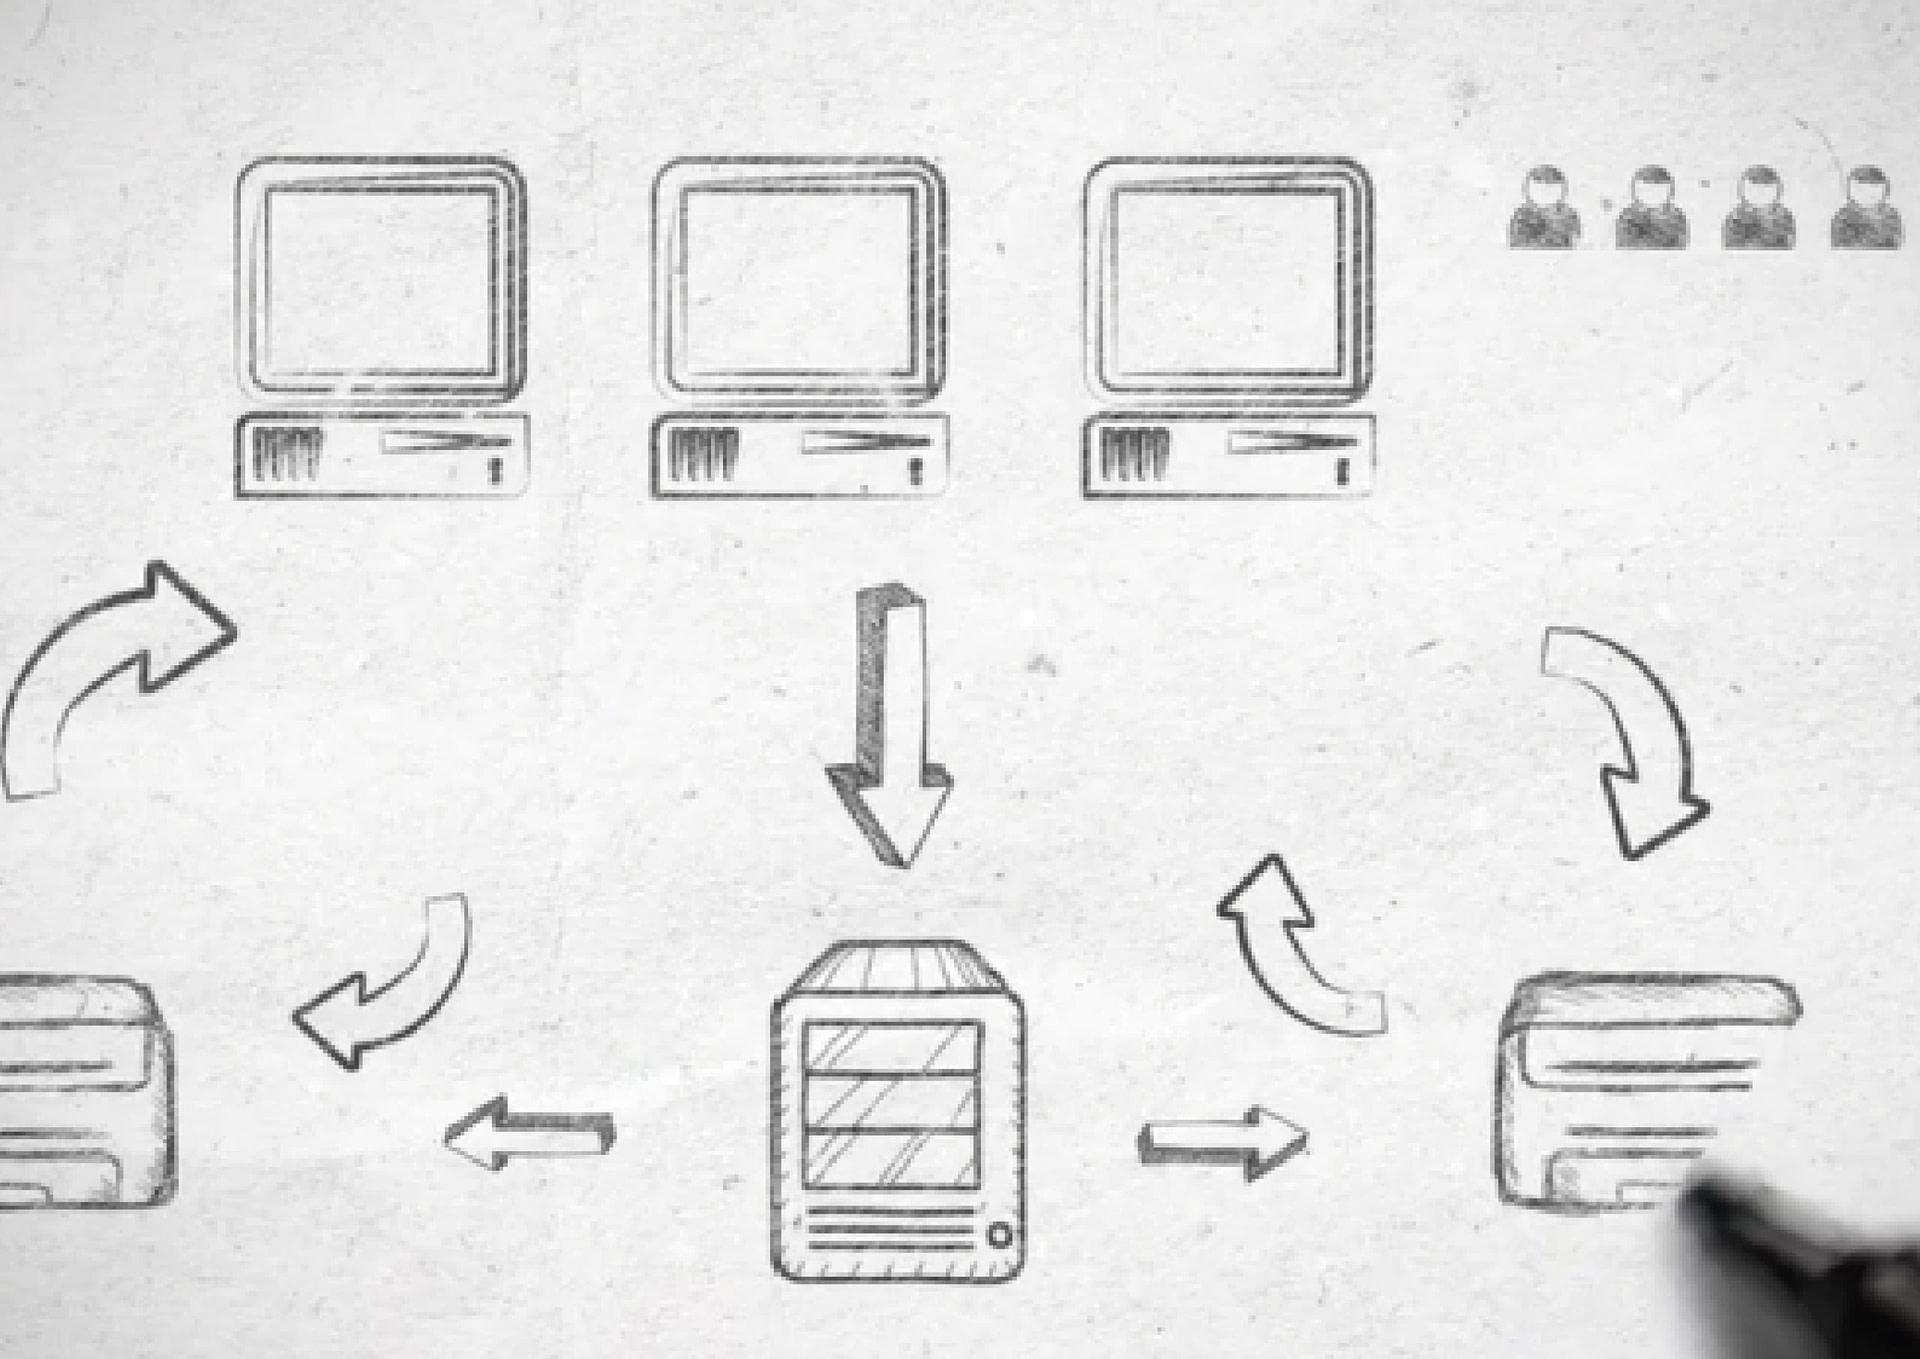 Ubiquitech explainer animationsvideo